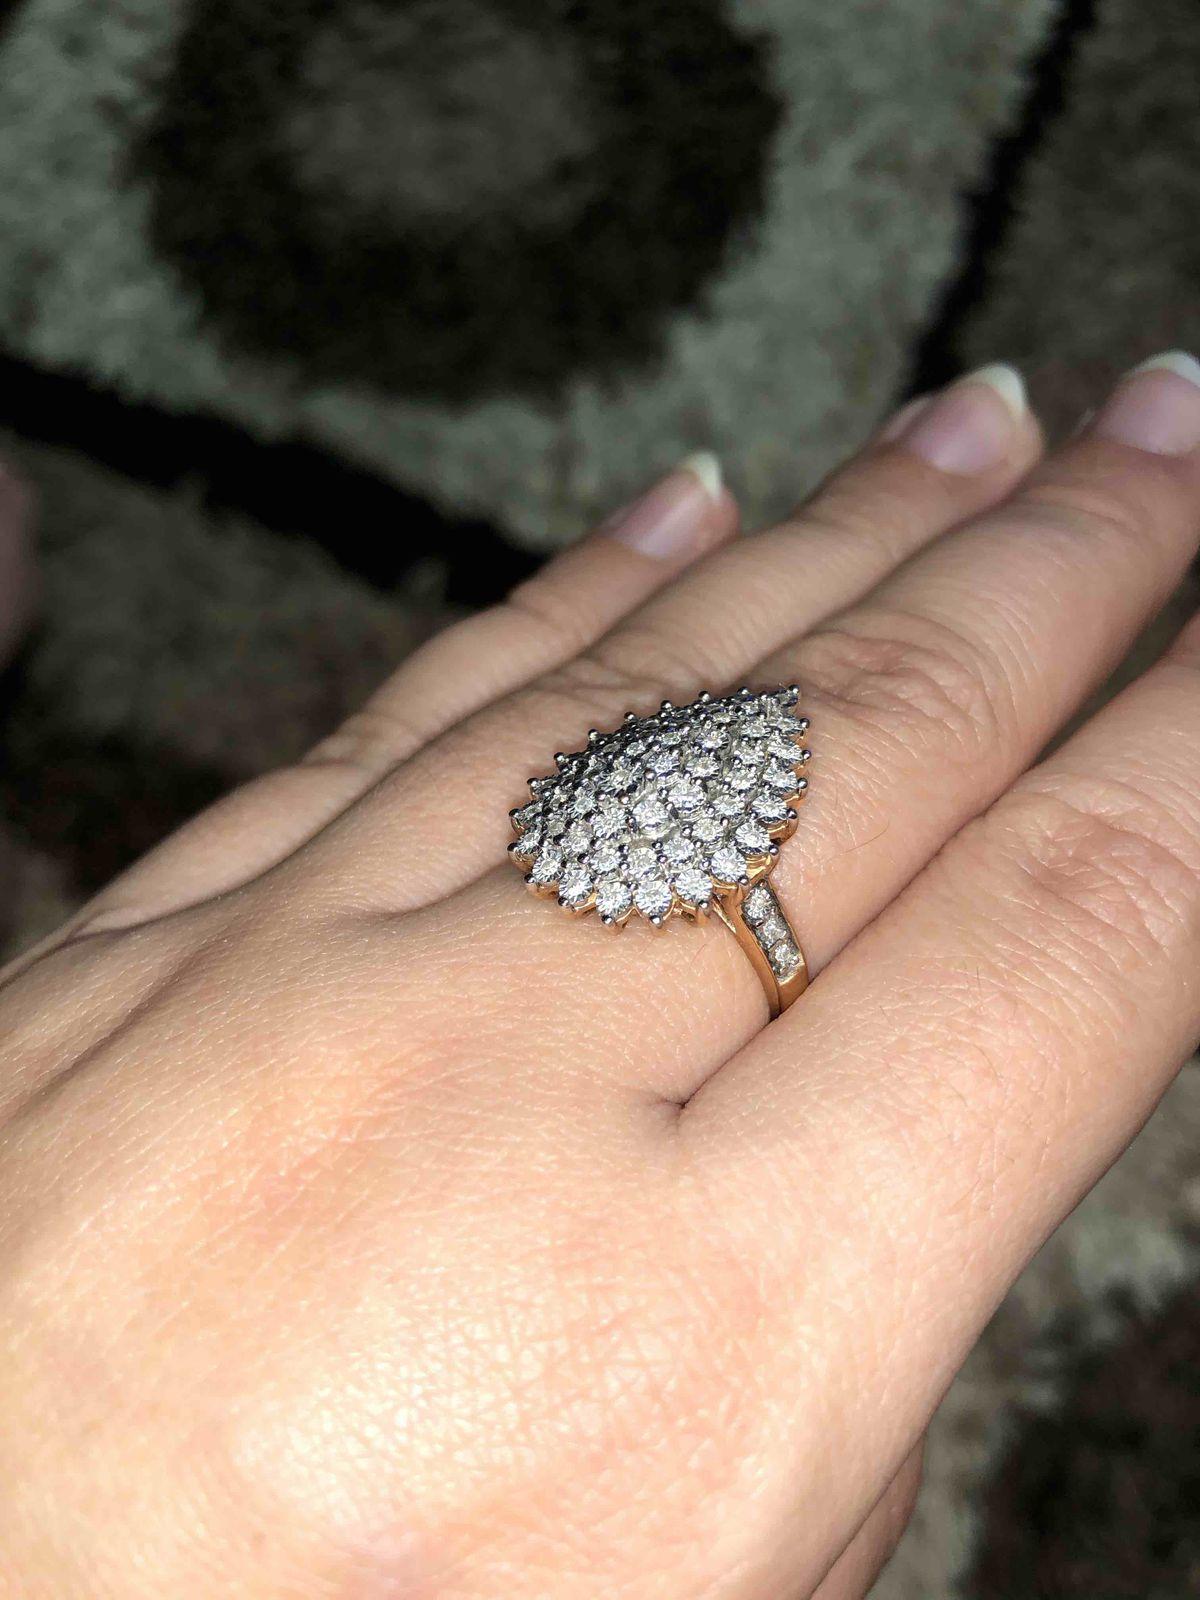 Королевское кольцо! НО... сильно цепляется, особенно за вязанные вещи!